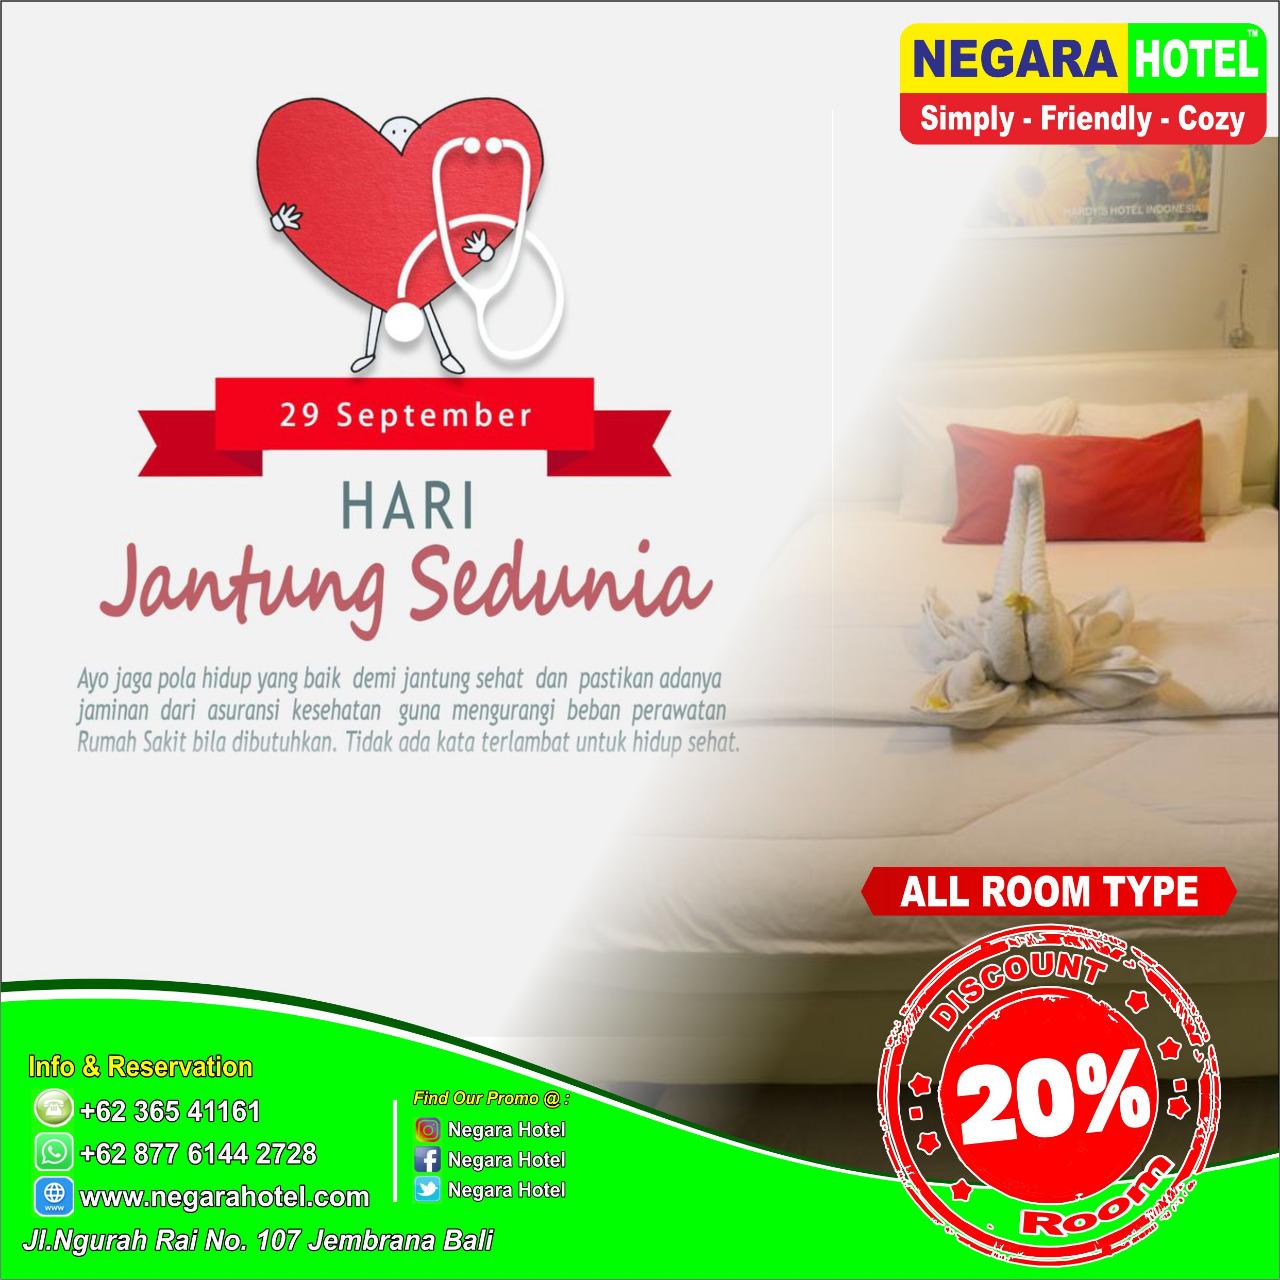 Promo Hari Jantung Sedunia